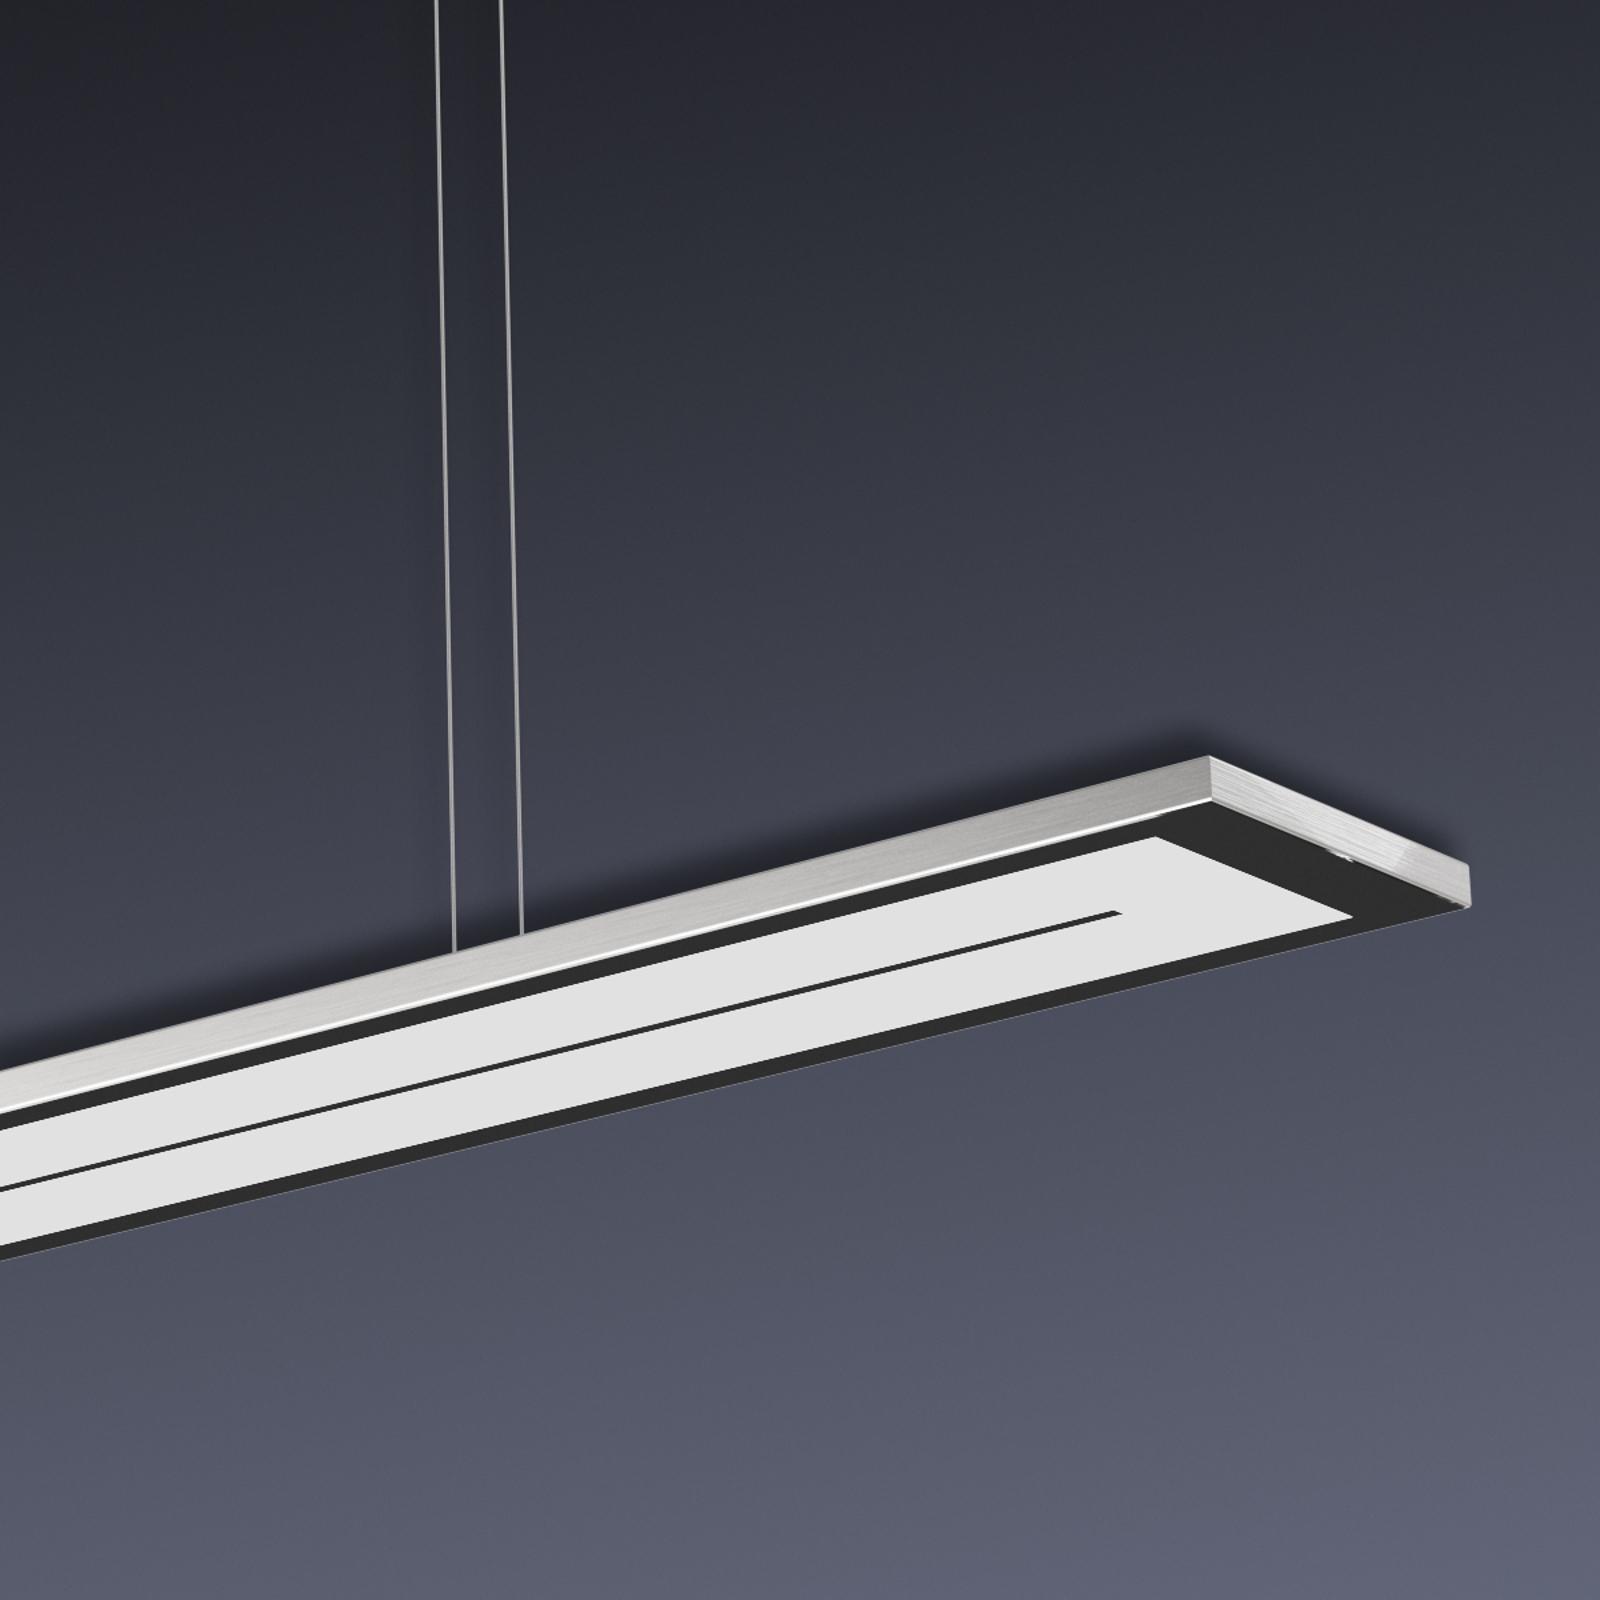 Dimbare LED-pendellamp Zen - 108 cm lang